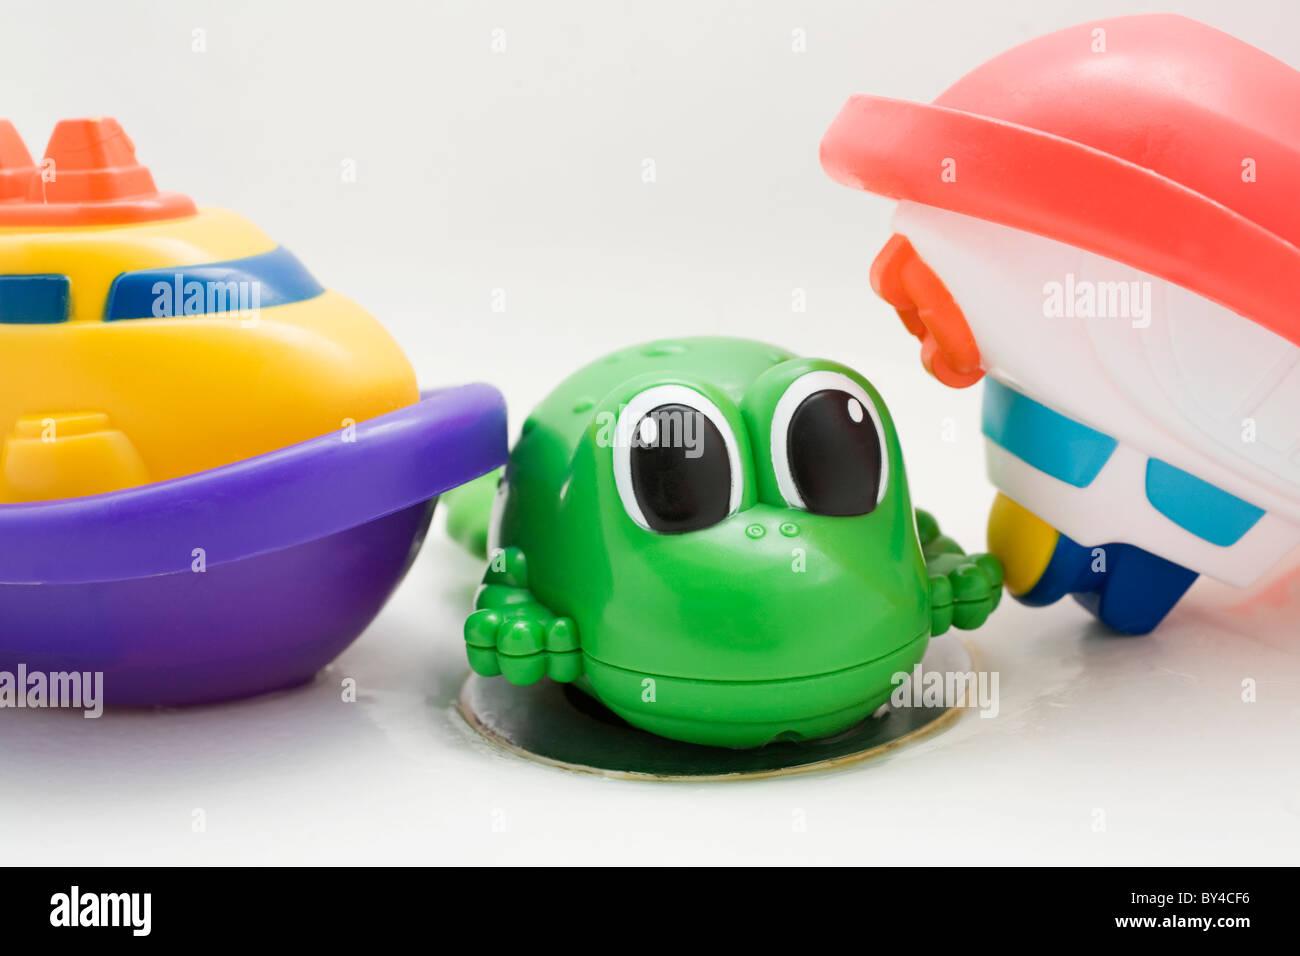 Vasca Da Bagno In Plastica : Bagno in plastica giocattoli due barche e una rana seduto su di una